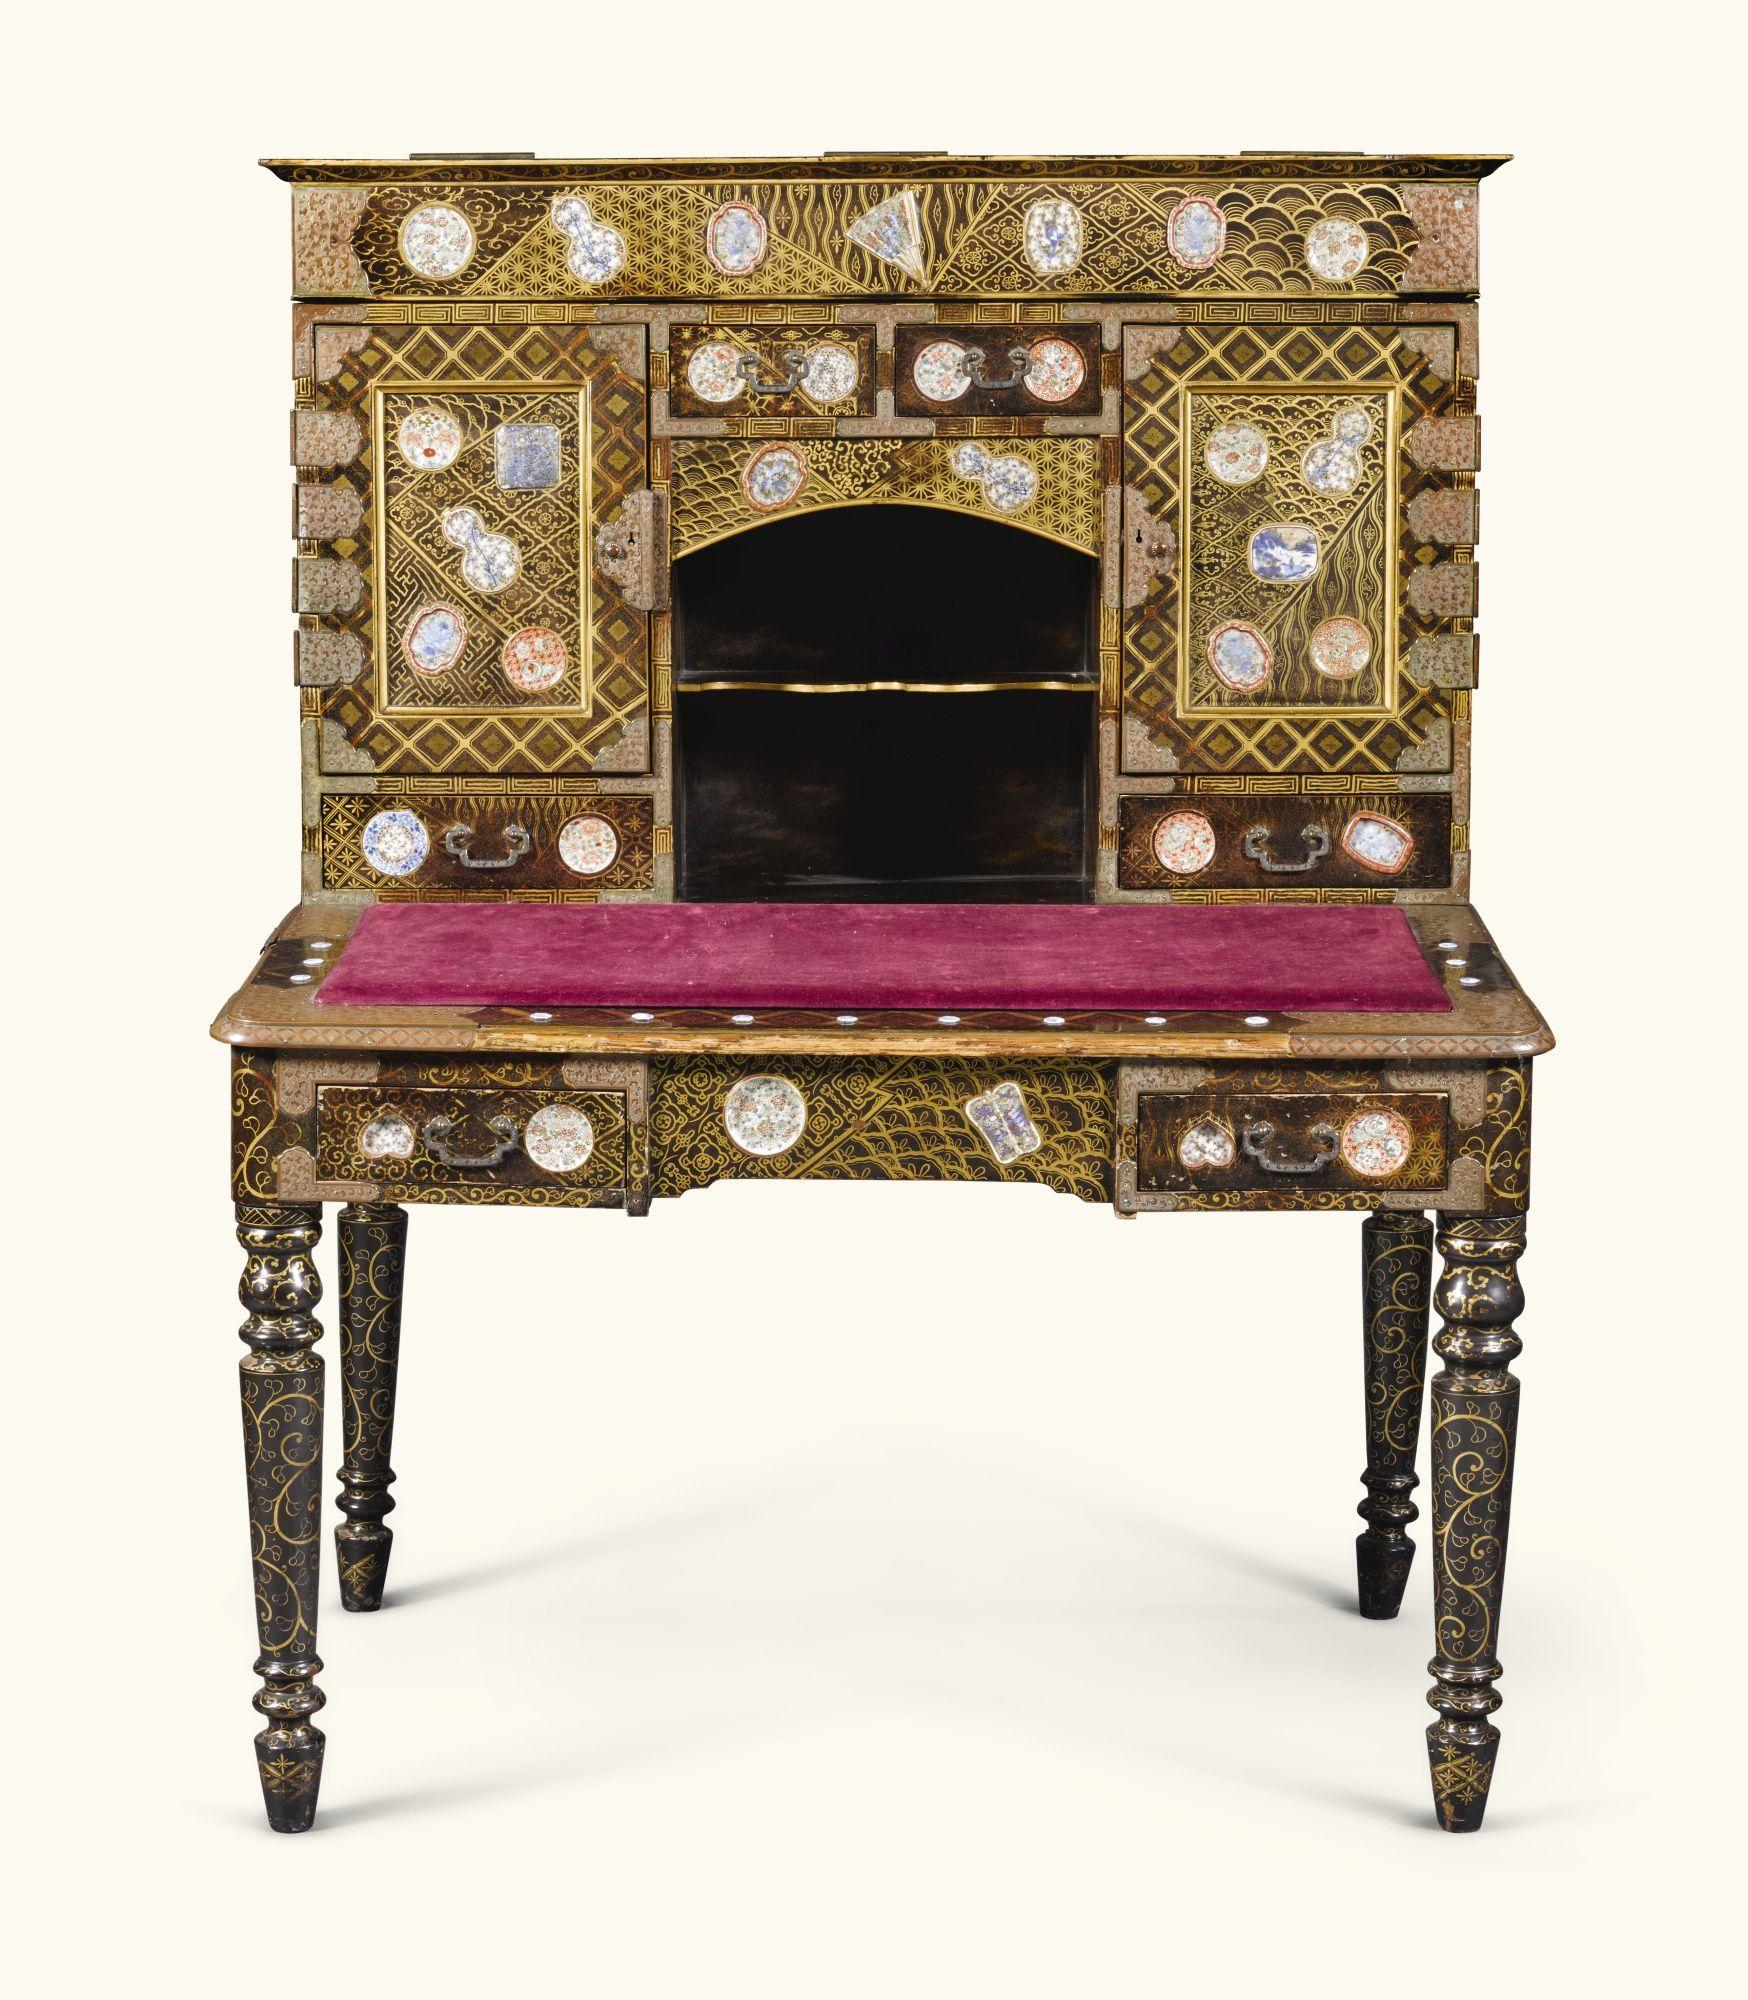 Escritorio Laqueado Y Con Aplicaciones De Porcelana Periodo Meiji  # Muebles Arte Povera